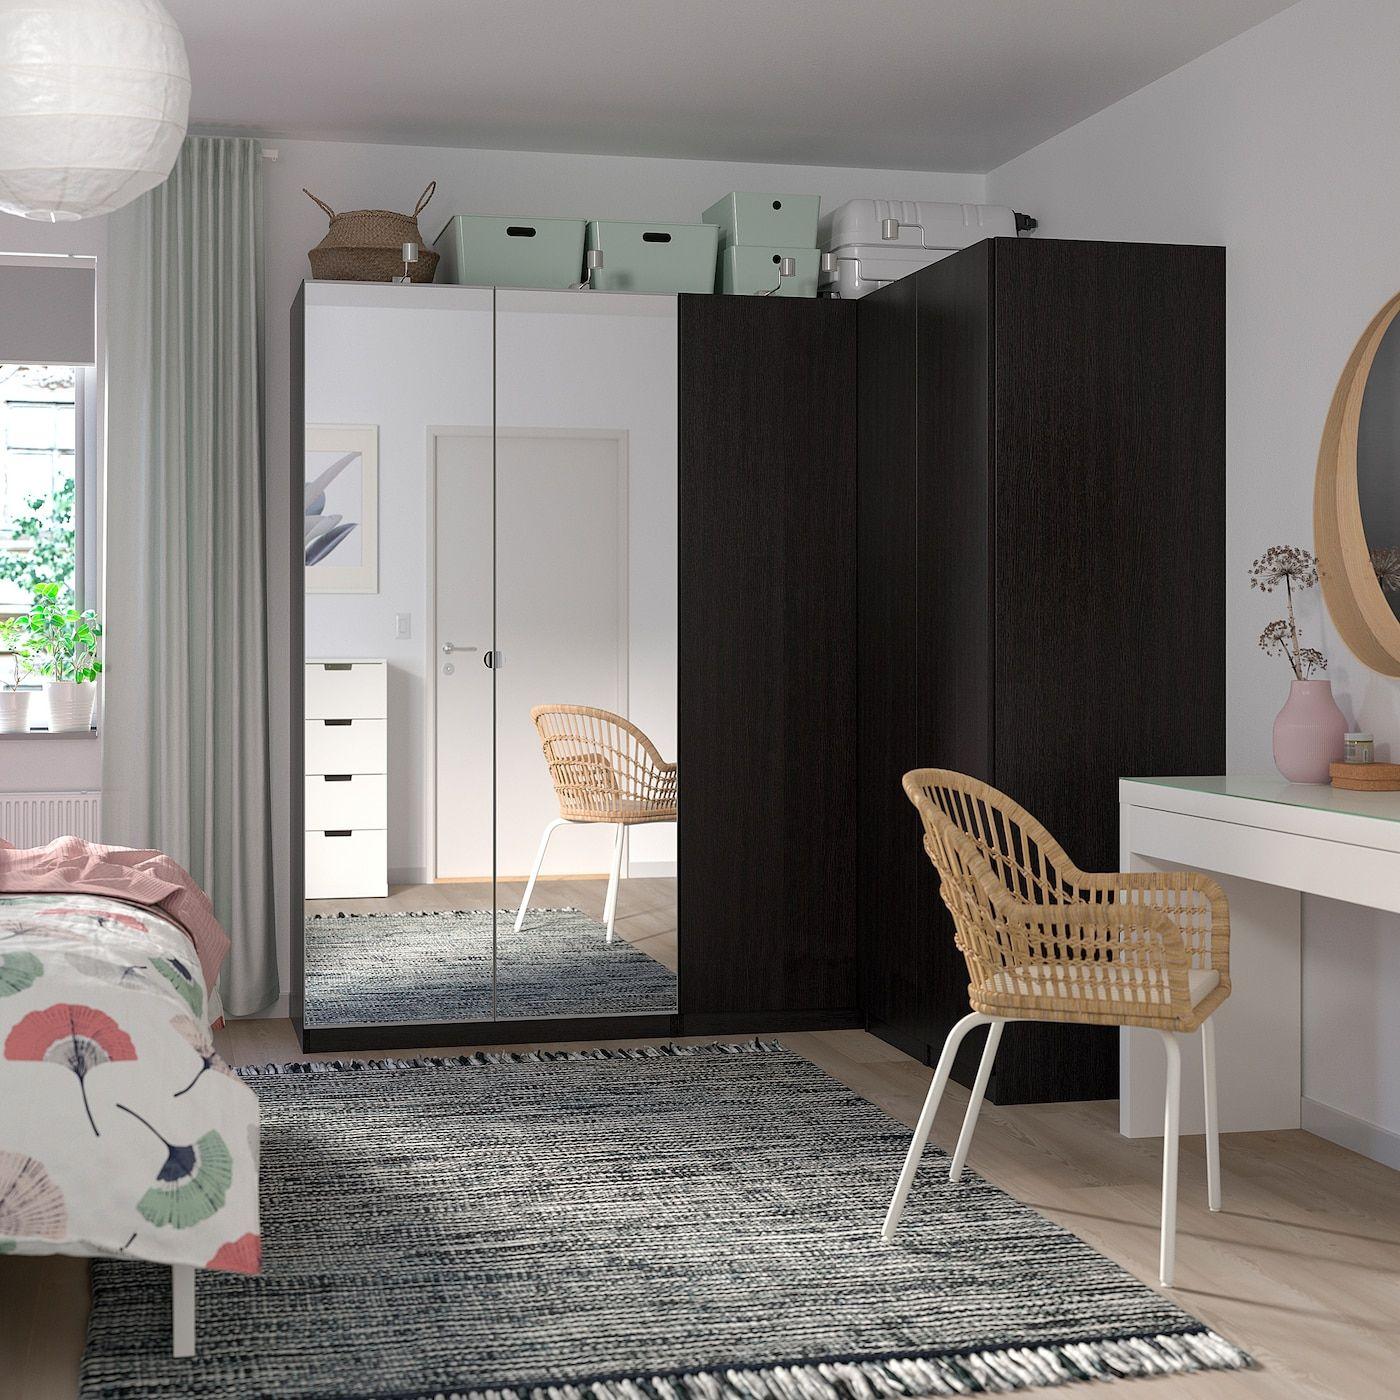 Pax Corner Wardrobe Black Brown Forsand Vikedal 82 3 4 63 1